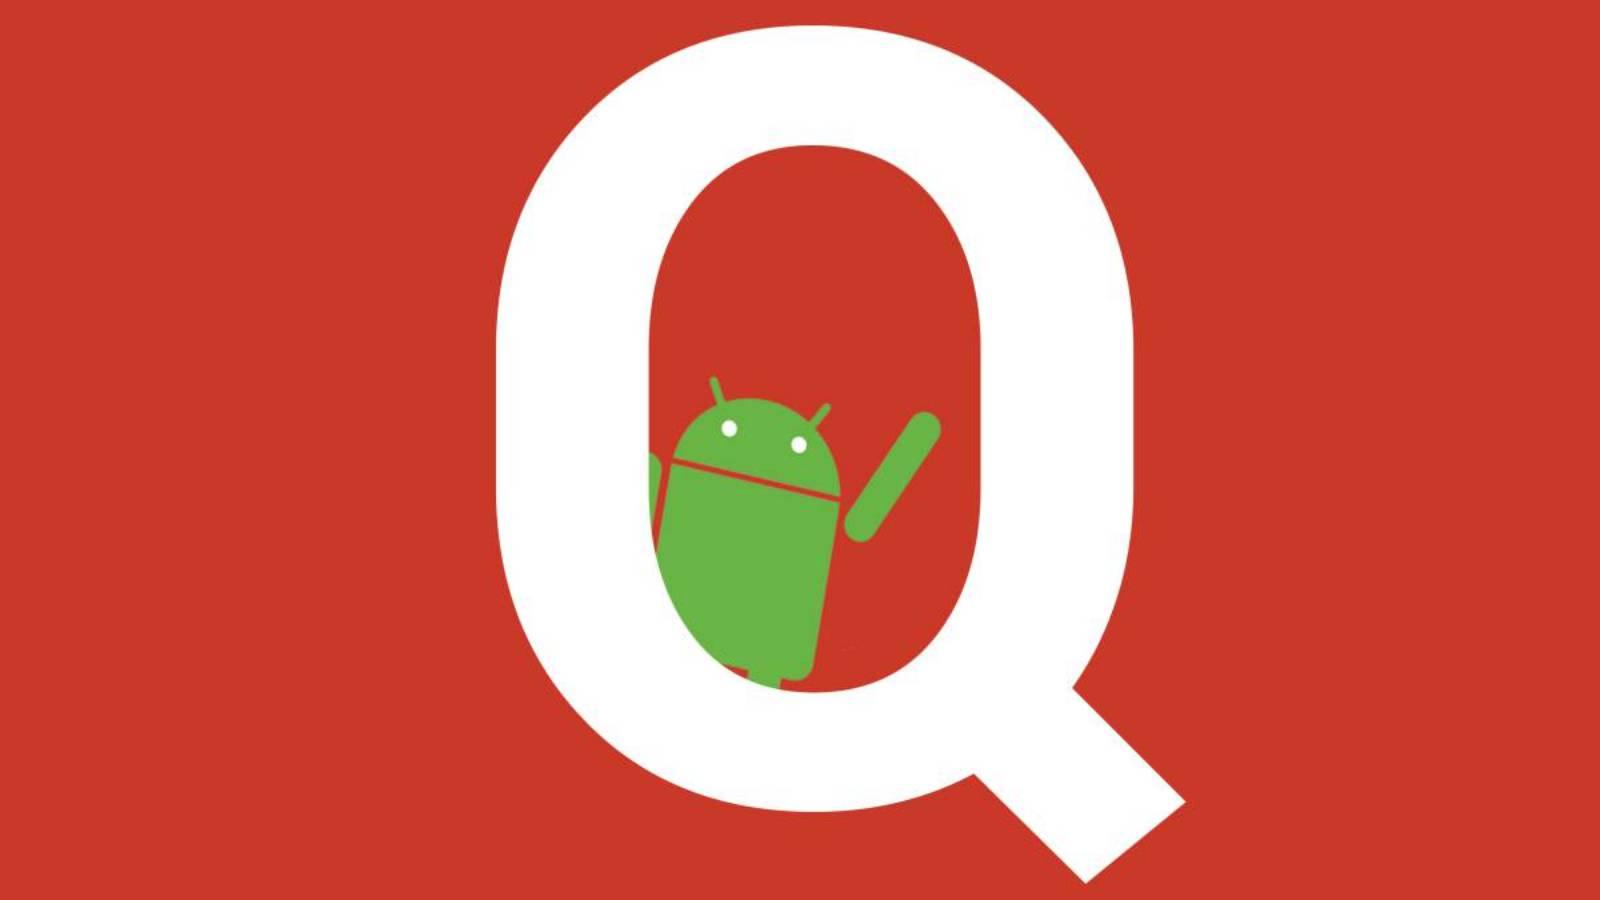 Android Q gesturi control